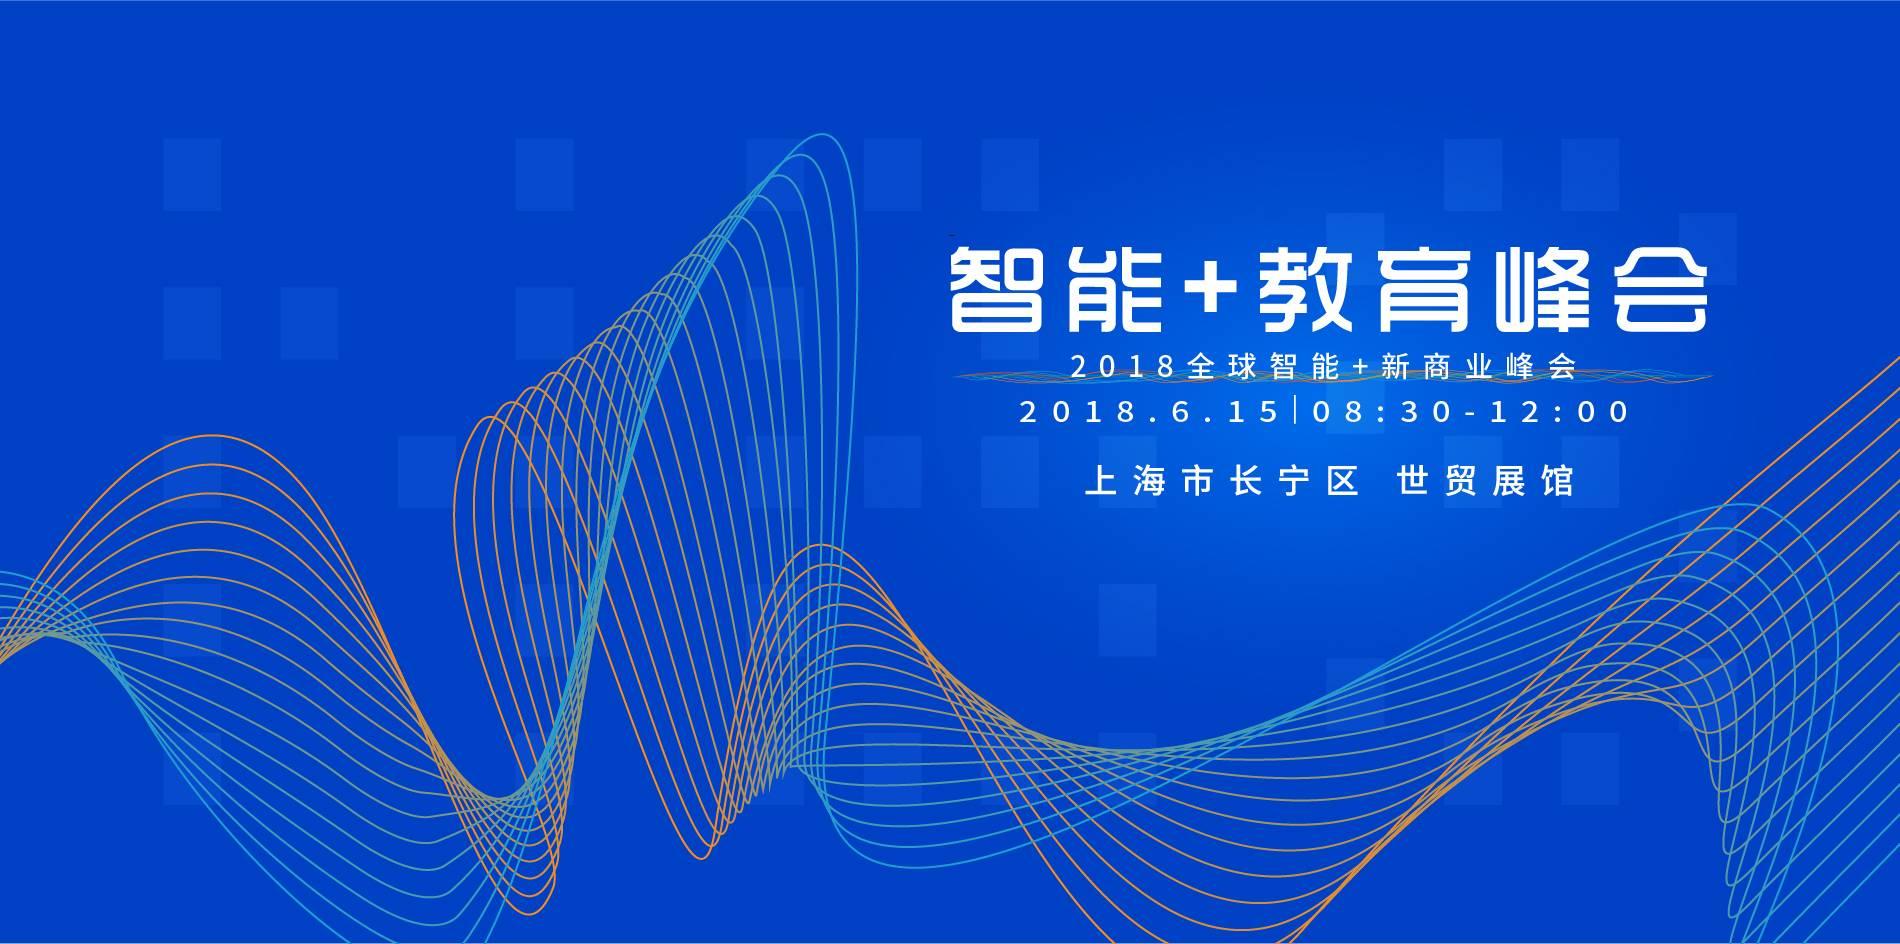 【活动】2018全球智能+新商业峰会——智能+教育峰会(官方报名通道)-亿欧